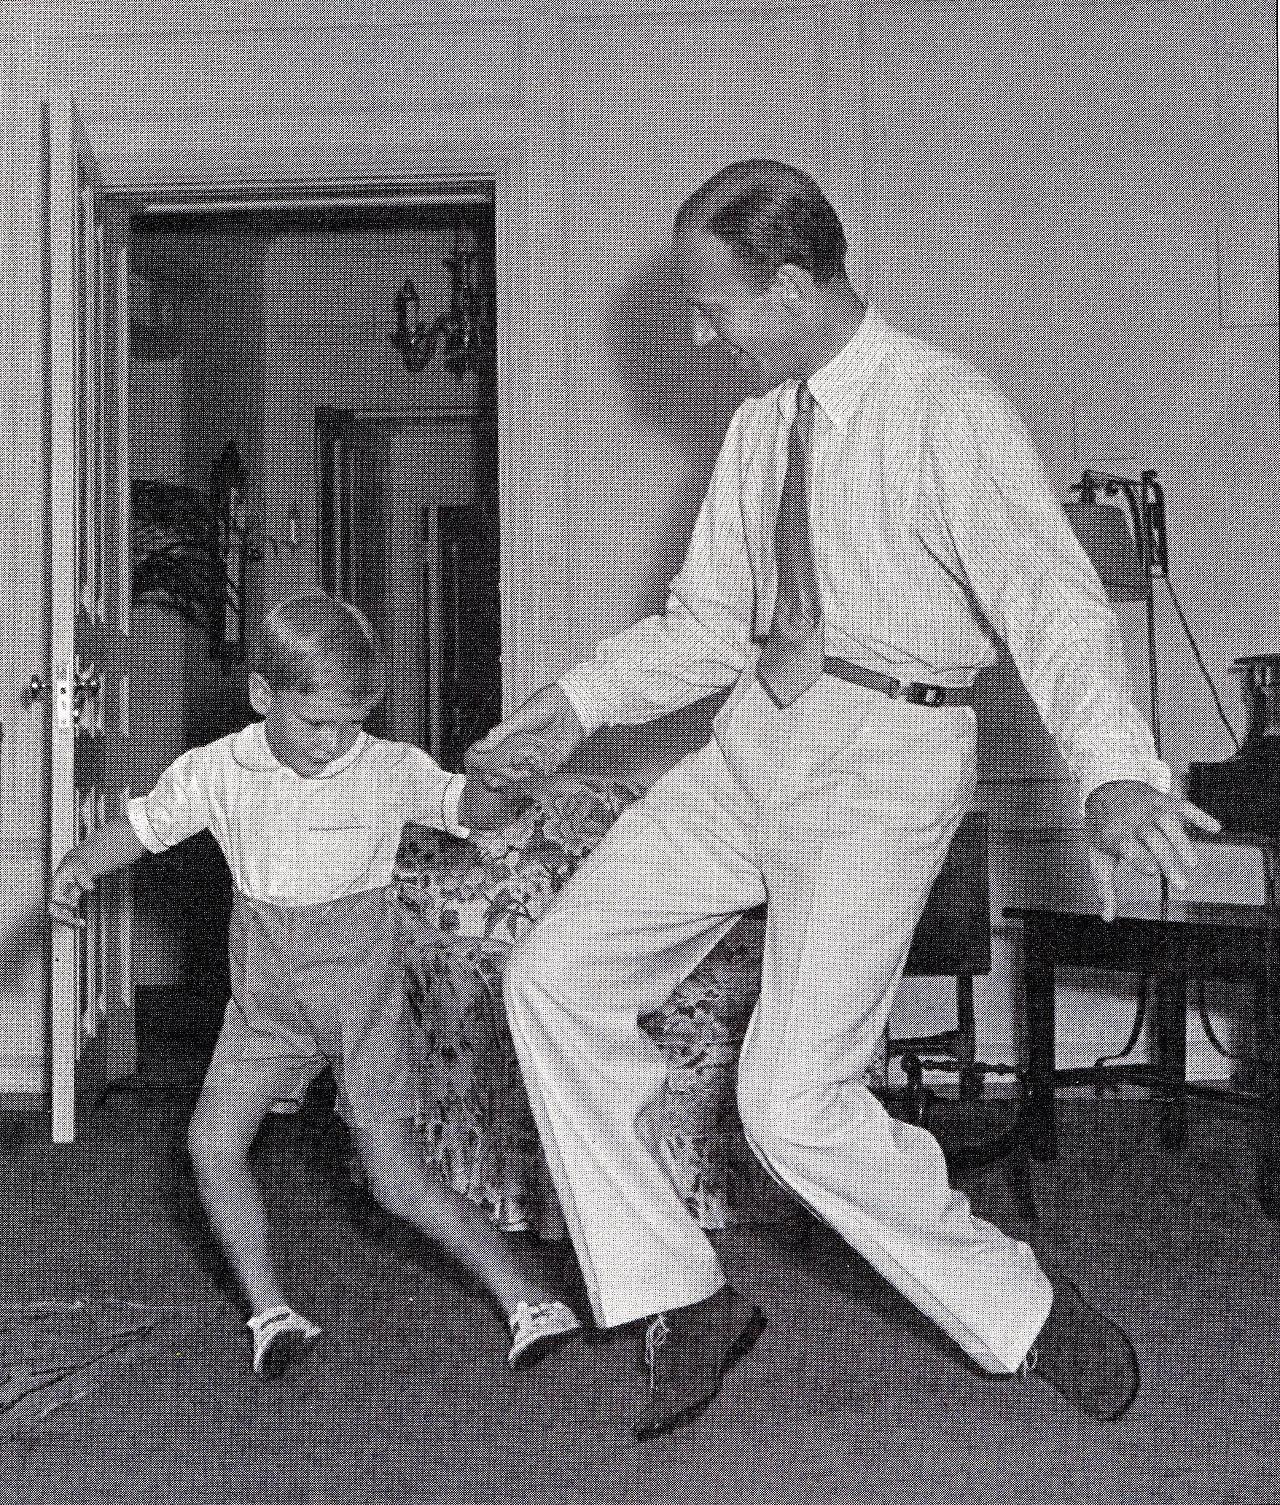 Sr. & Jr. Astaire